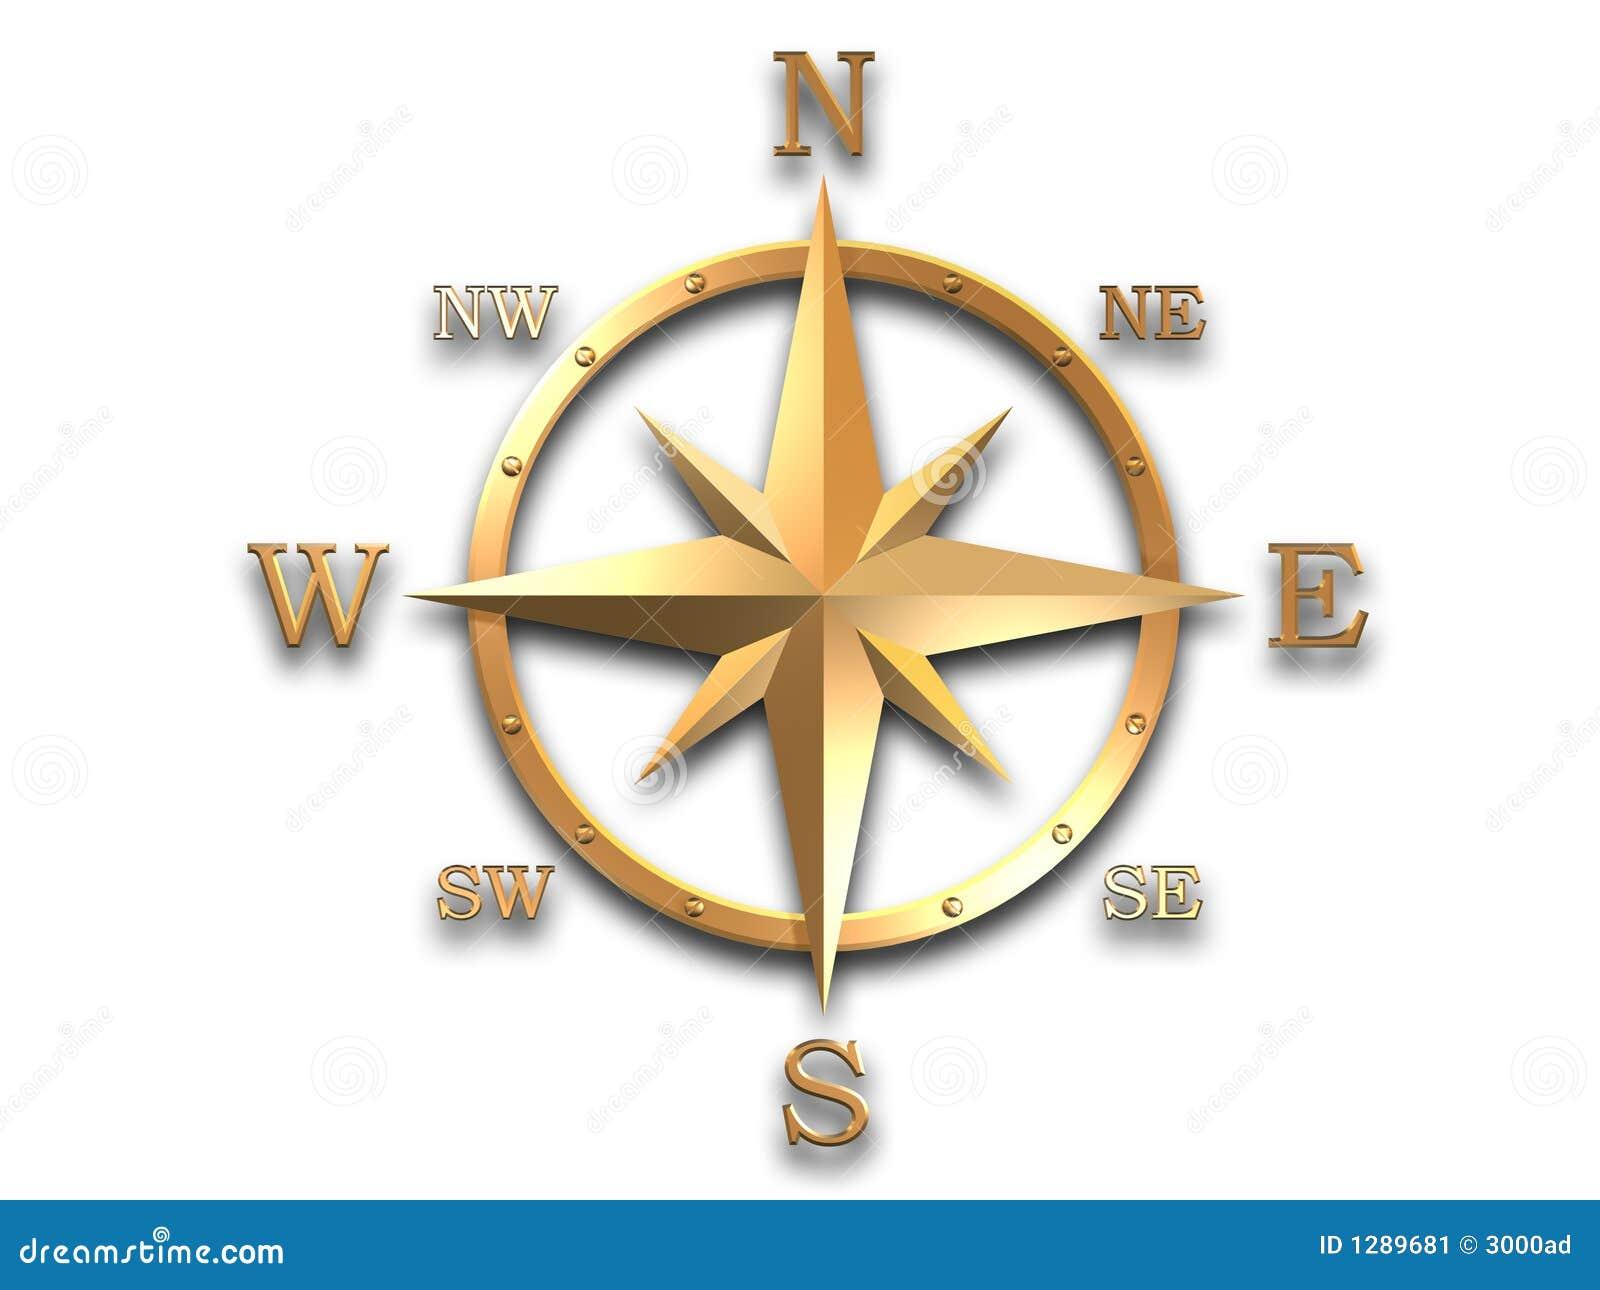 3d model of golden compass